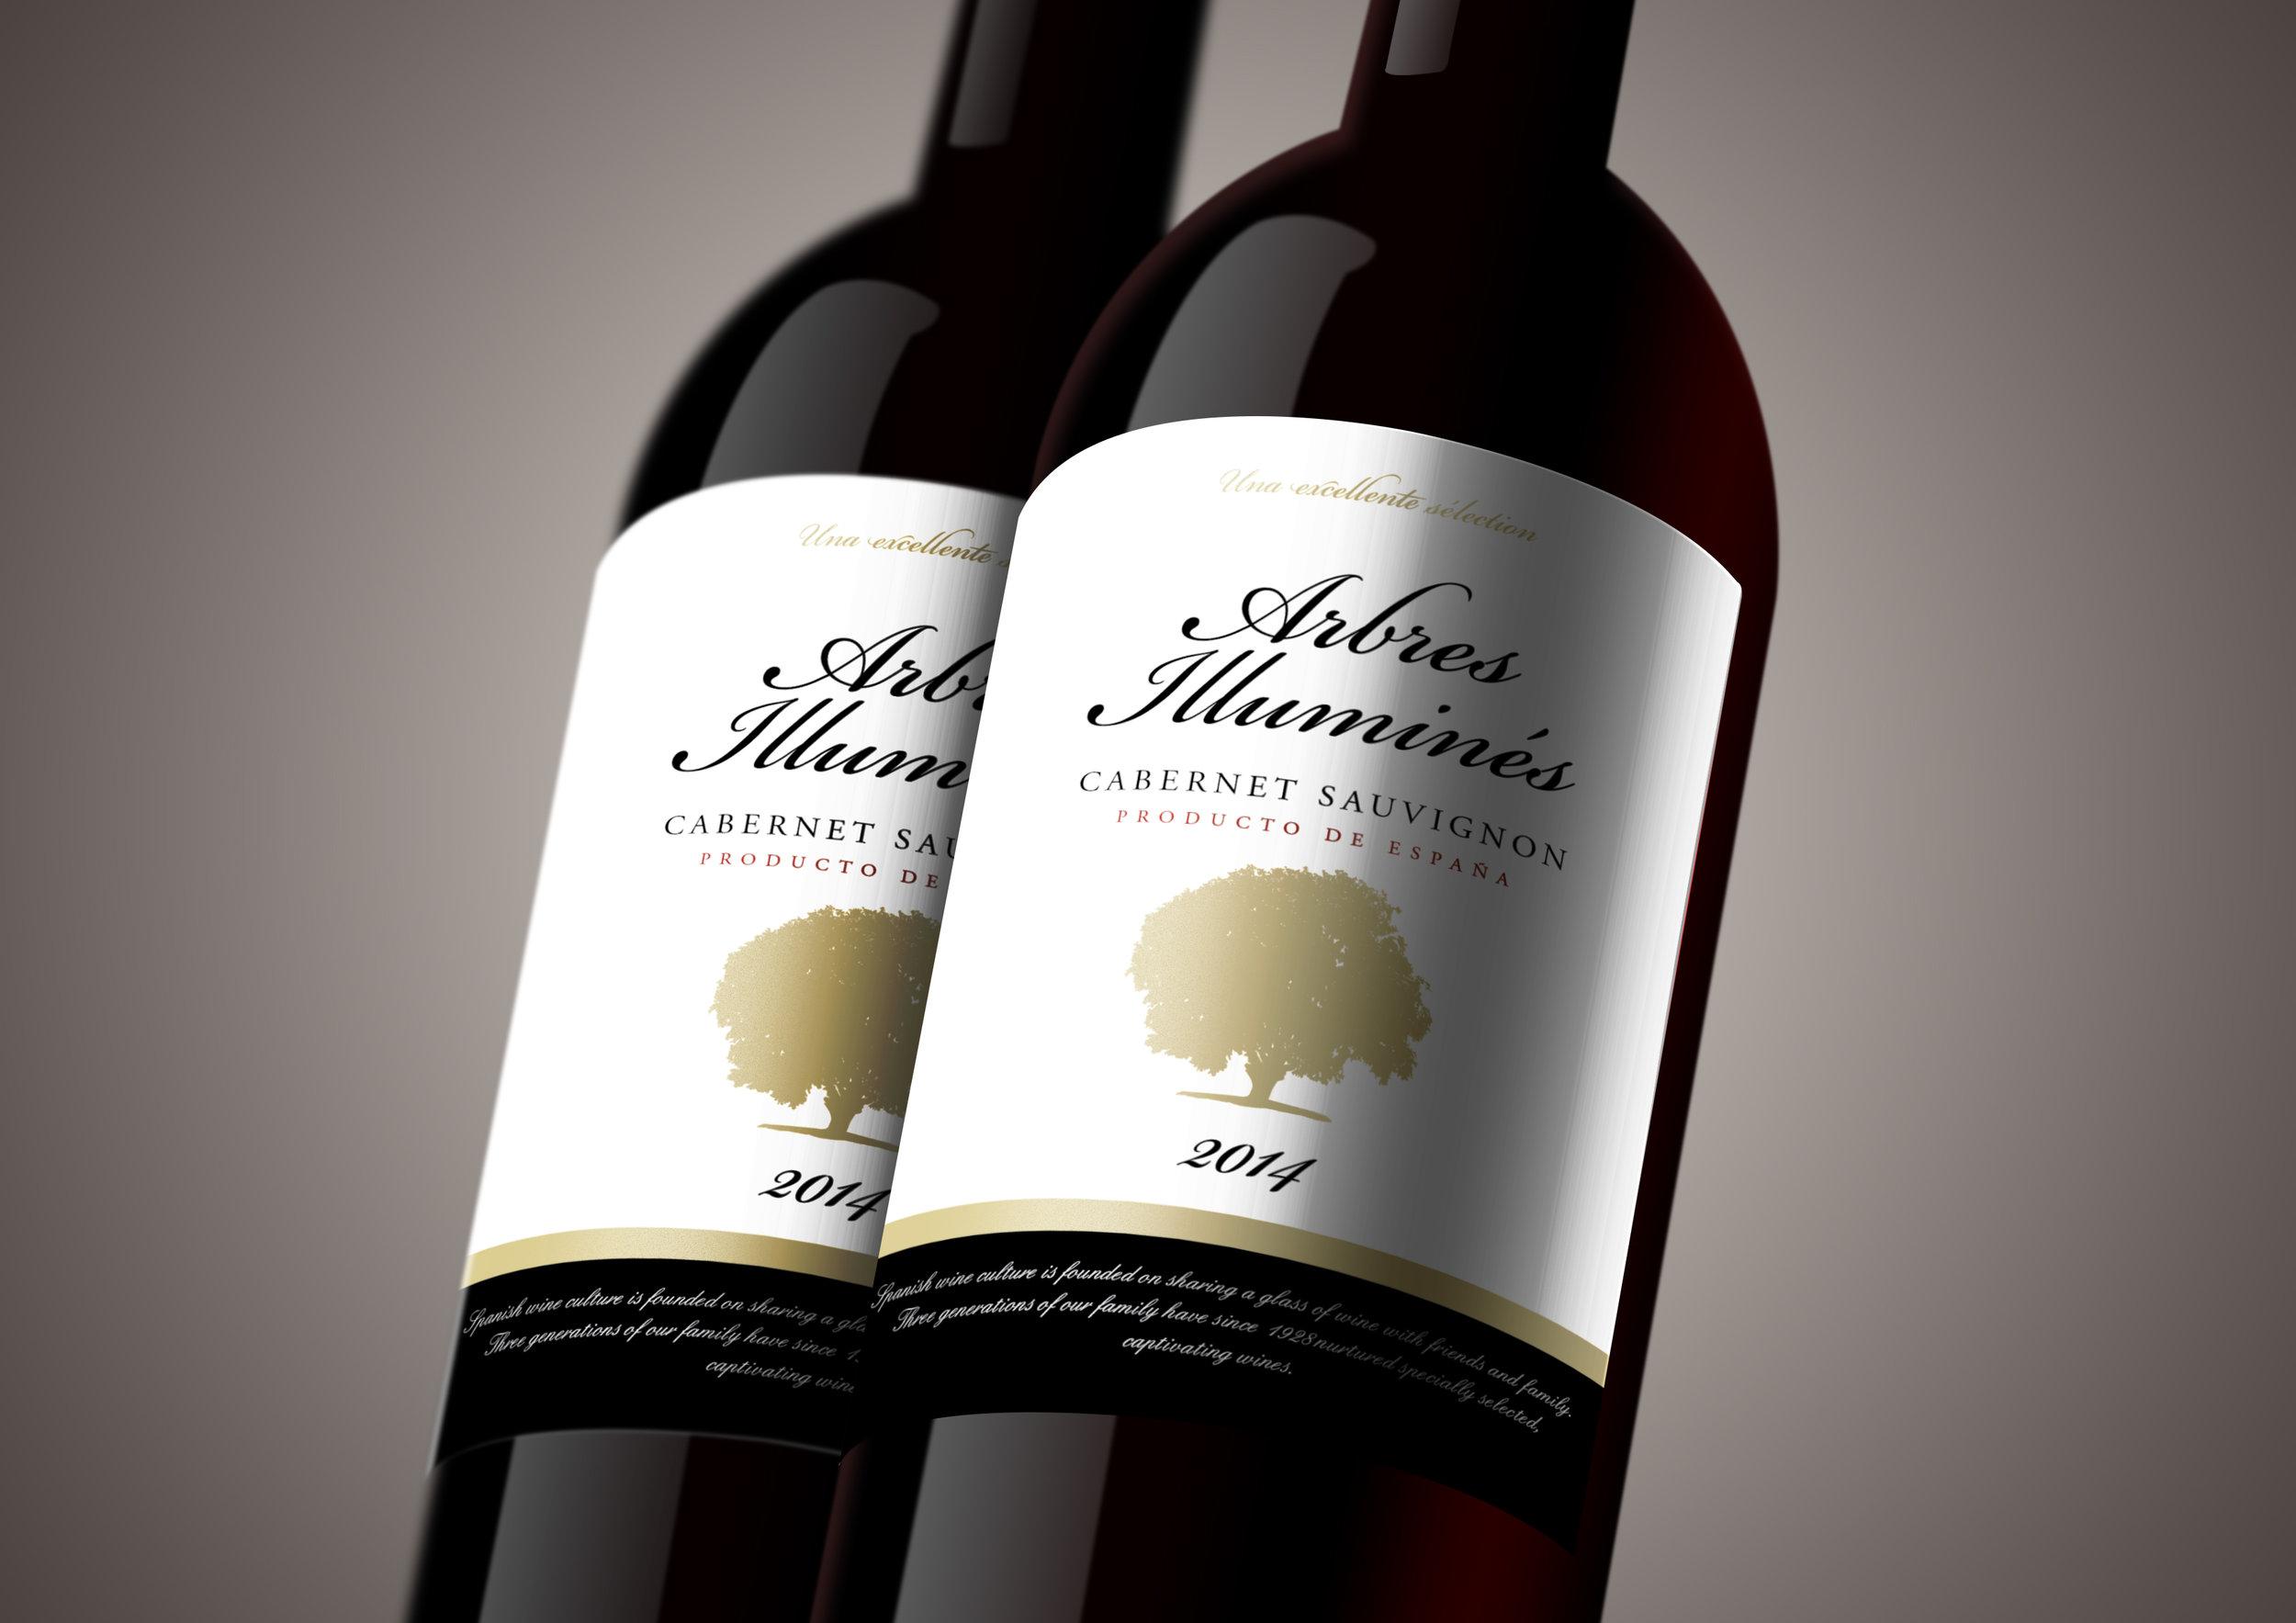 Arbres Illumines 2 bottle shot.jpg